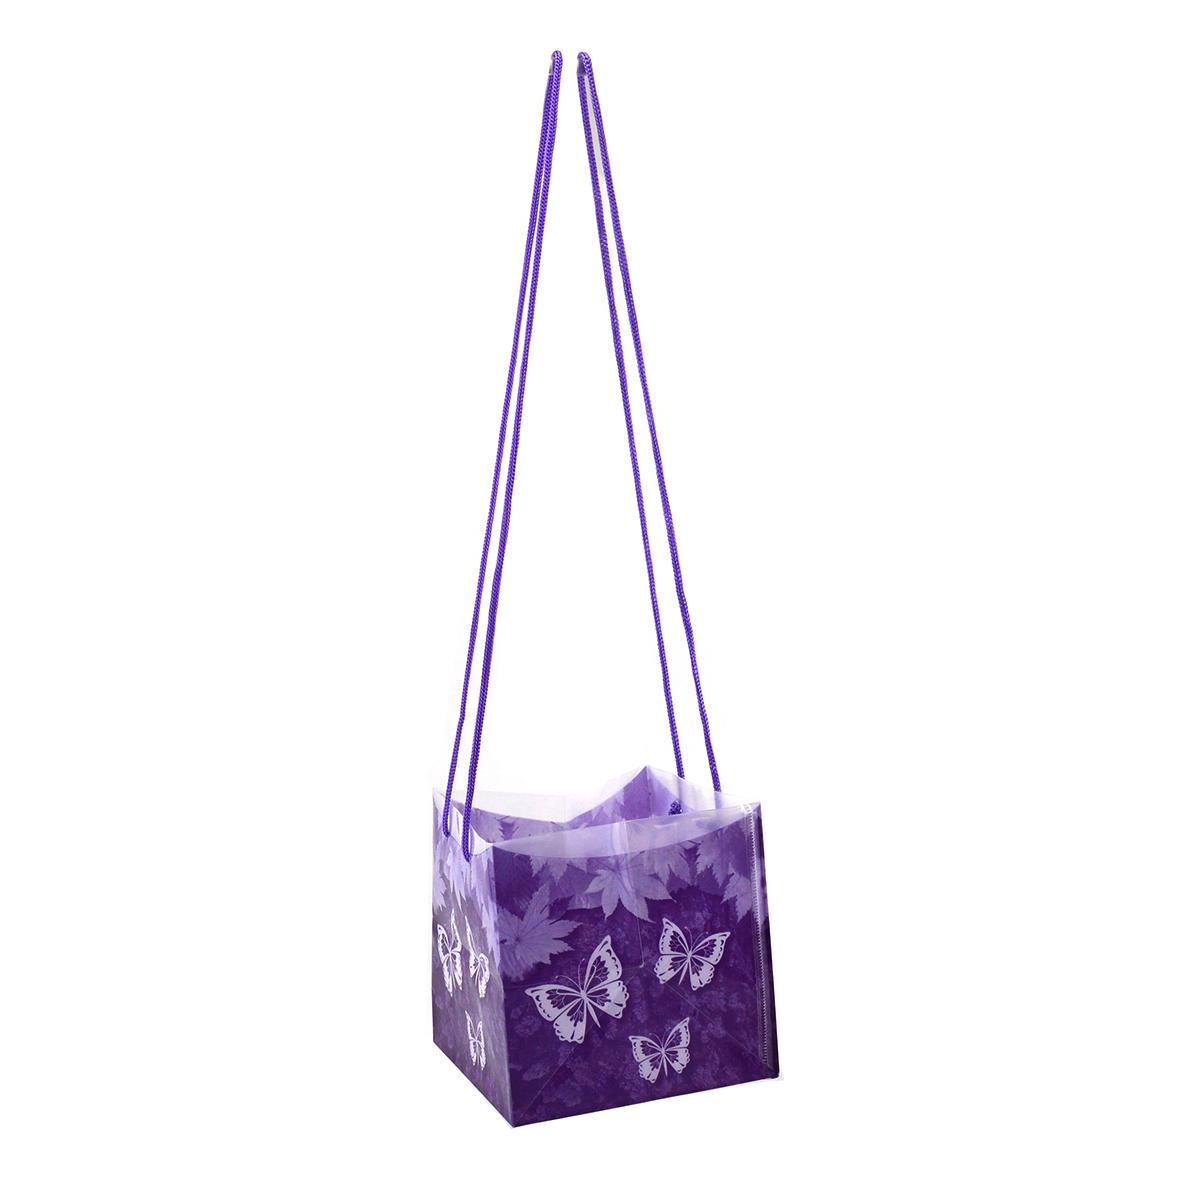 Sacchetto di plastica pieghevole con lunghi manici in pizzo viola